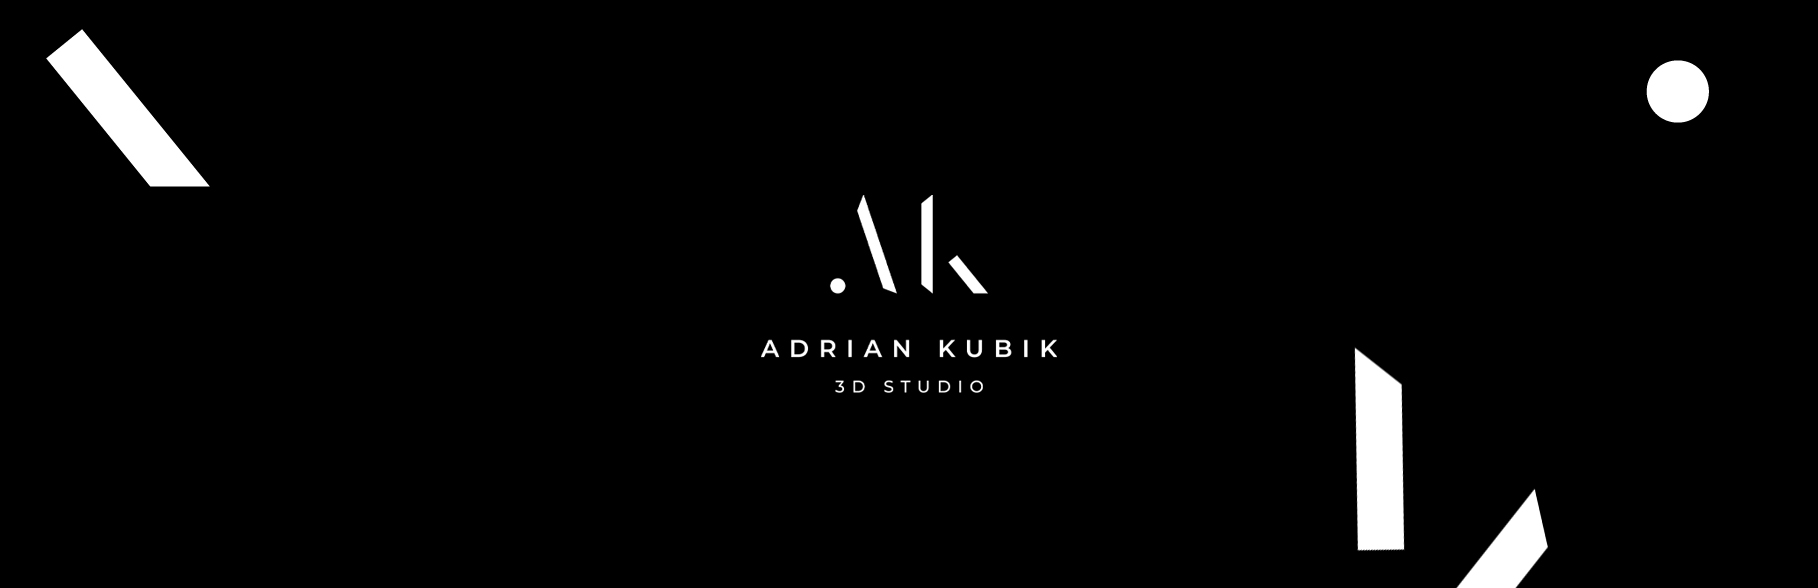 Adrian Kubik